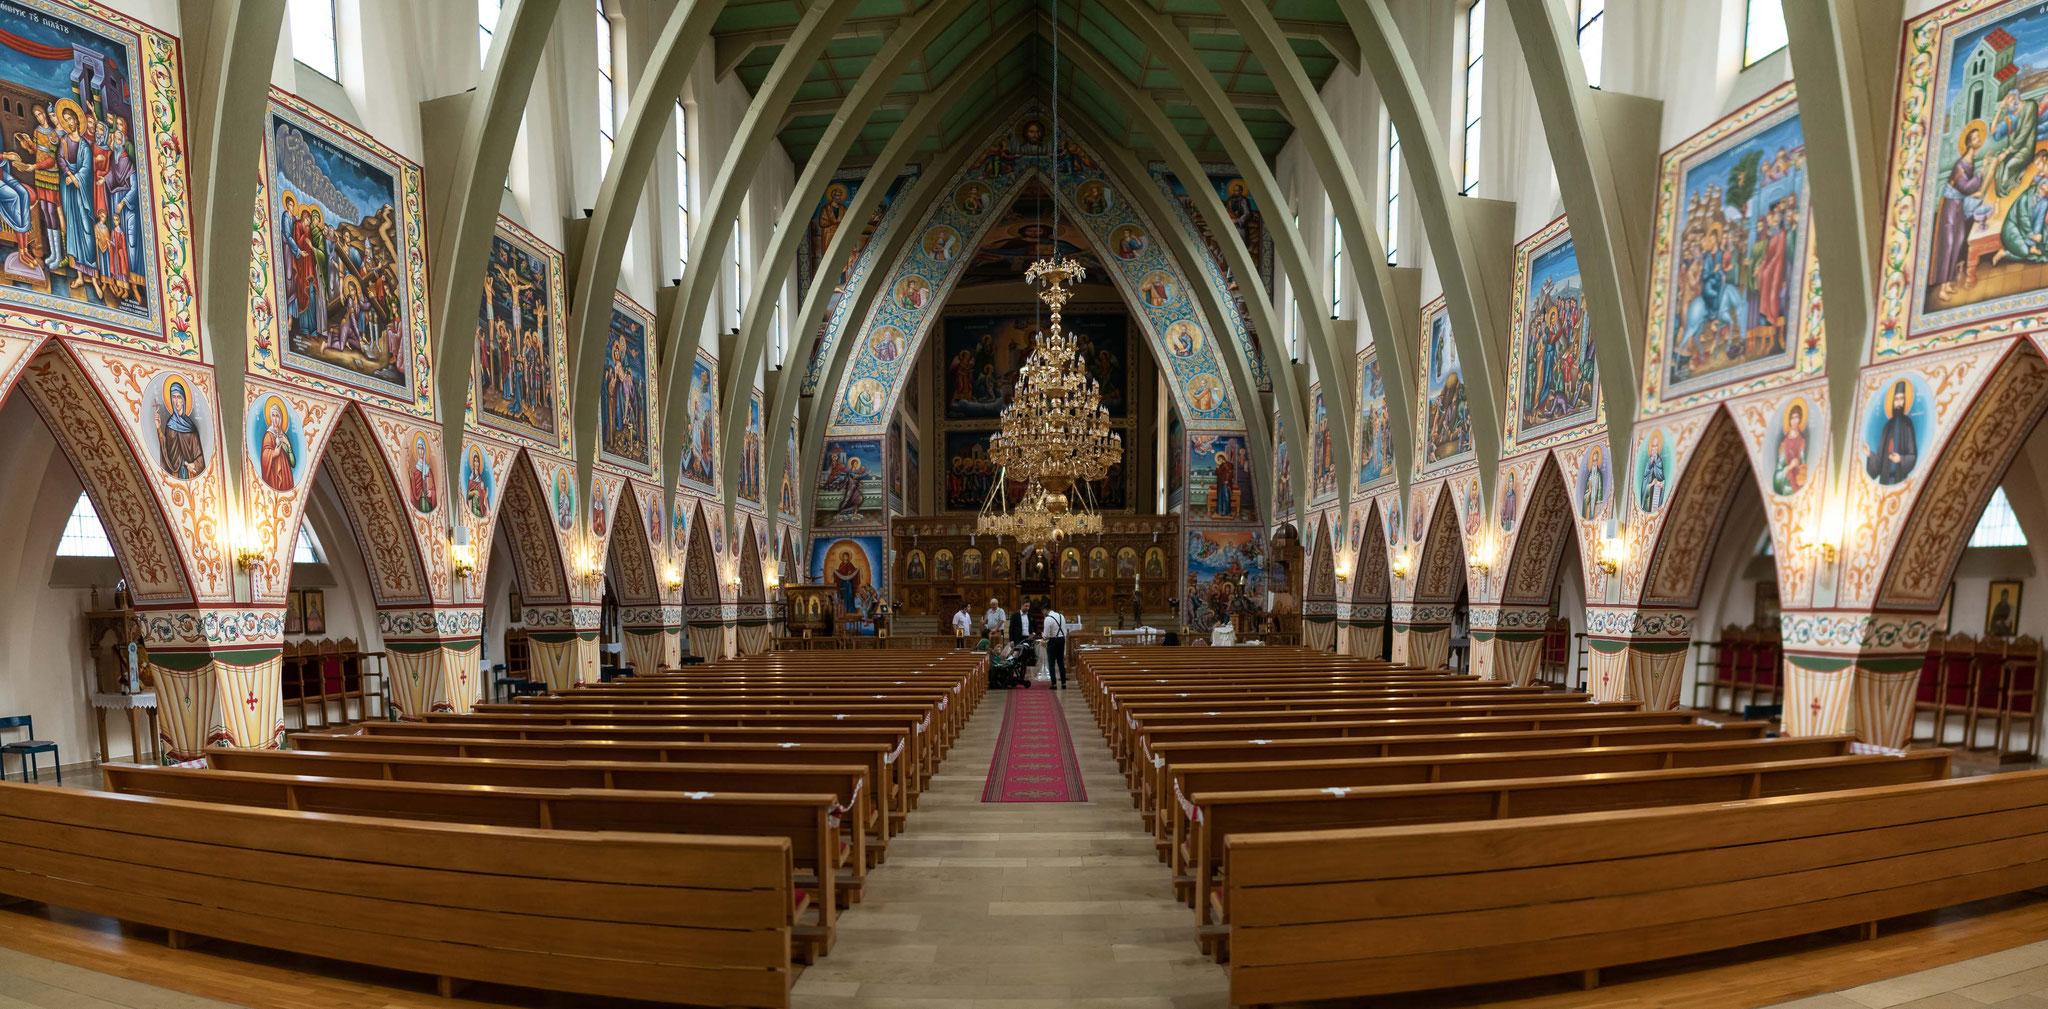 Professionelles Kamerateam für die griechisch orthodoxe Taufe Ihres Kindes oder Nächsten